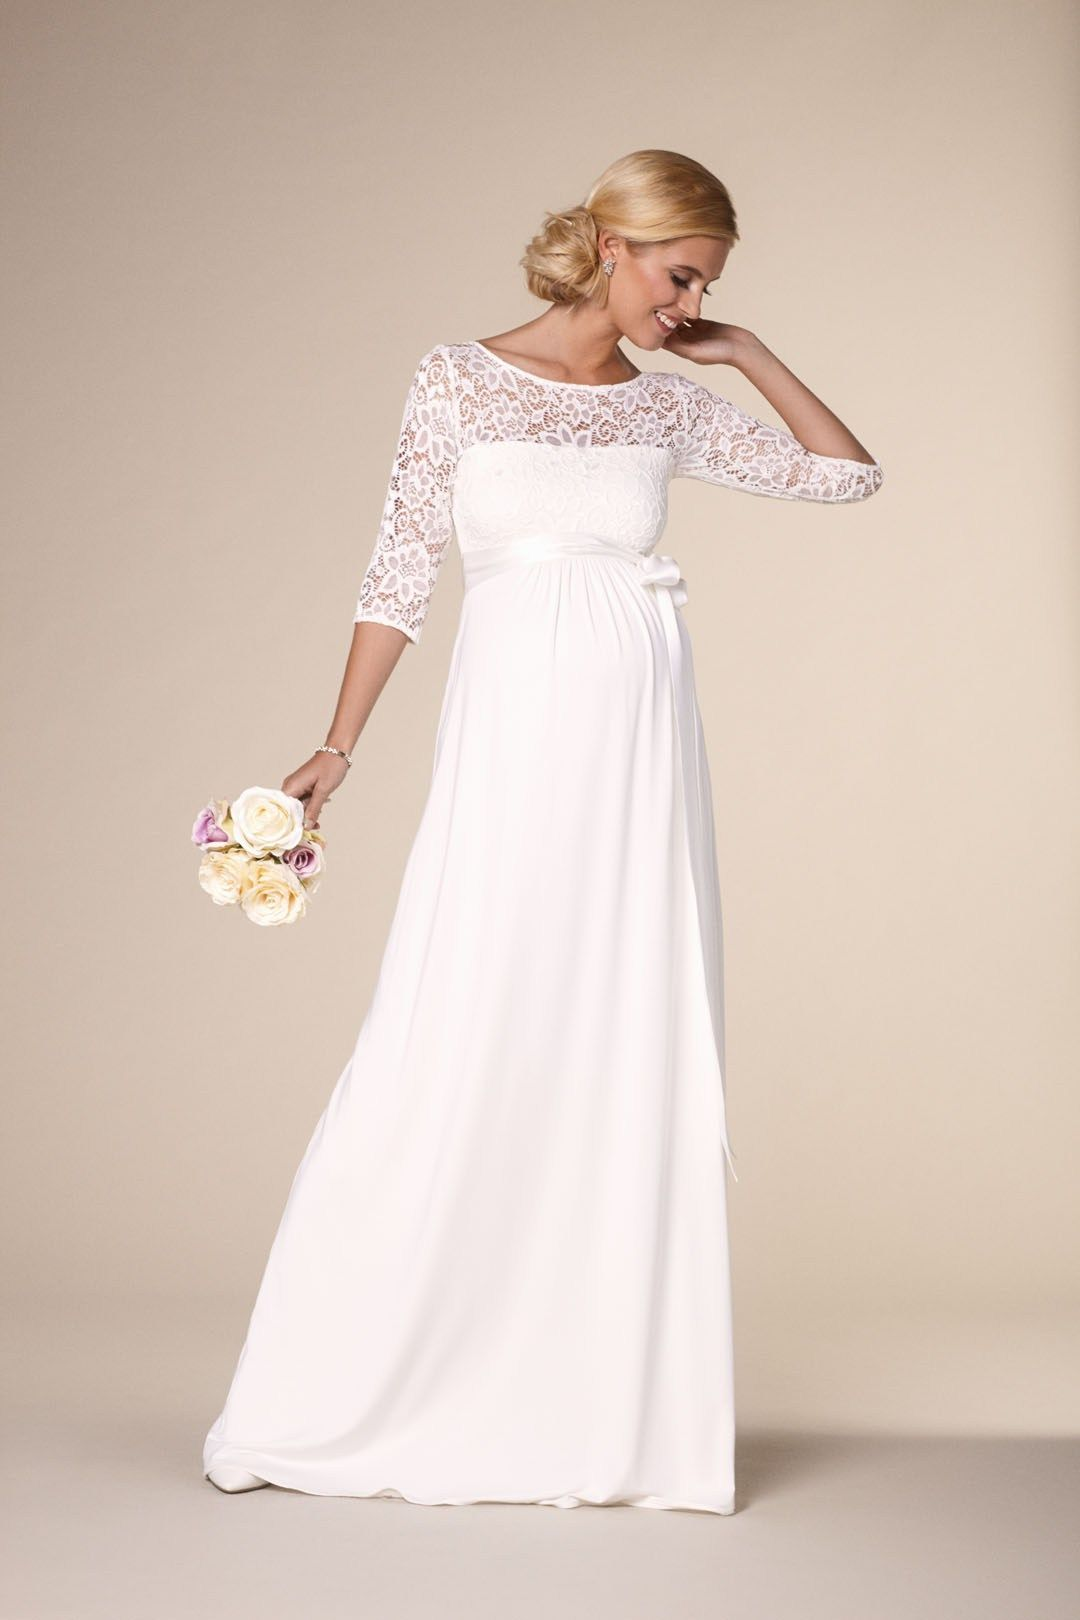 Brautkleider für Schwangere von Boesckens Erkelenz  Brautkleid